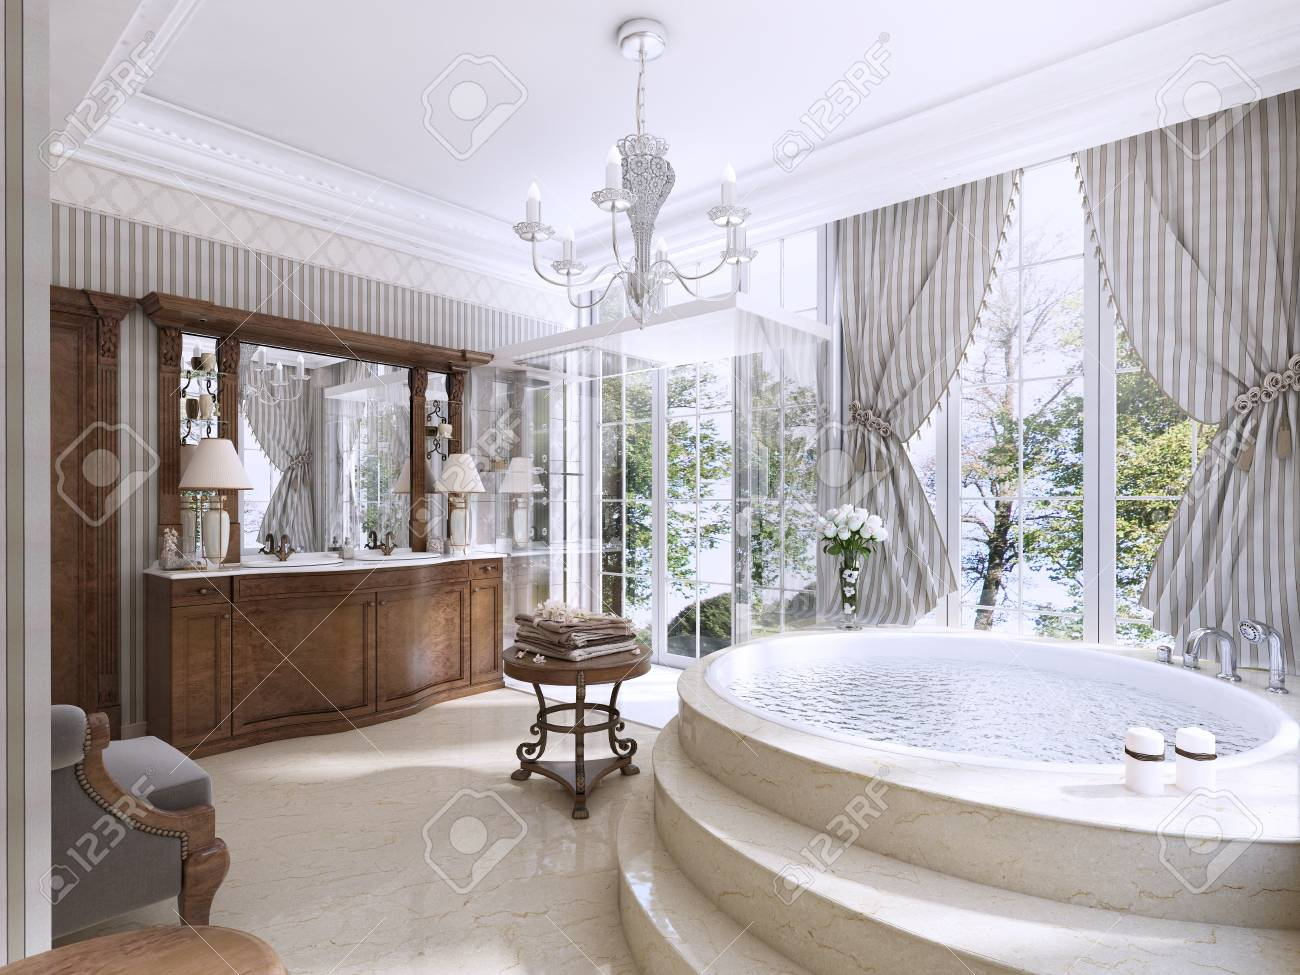 Baño De Lujo En Estilo Clásico. Cuarto De Baño Con Jacuzzi, Ducha Y ...